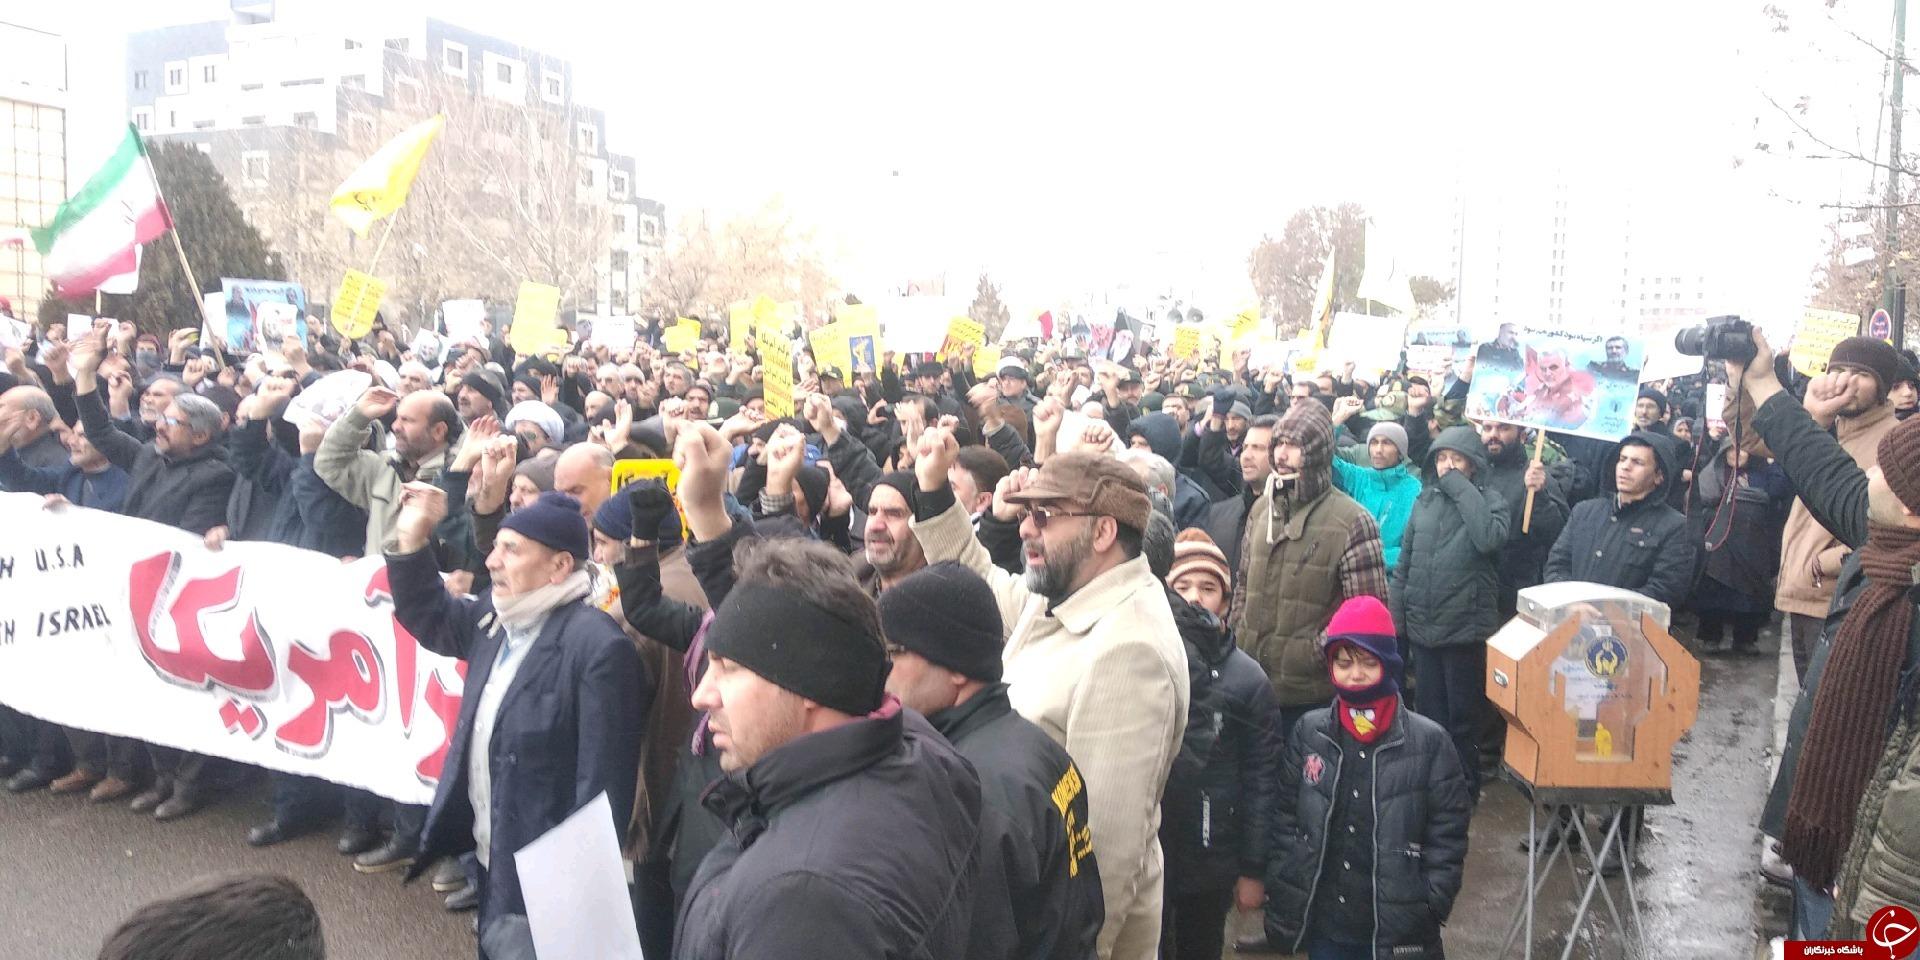 حمایت مردم ولایت مدار زنجان ازنظام مقدس جمهوری اسلامی ایران+تصاویر